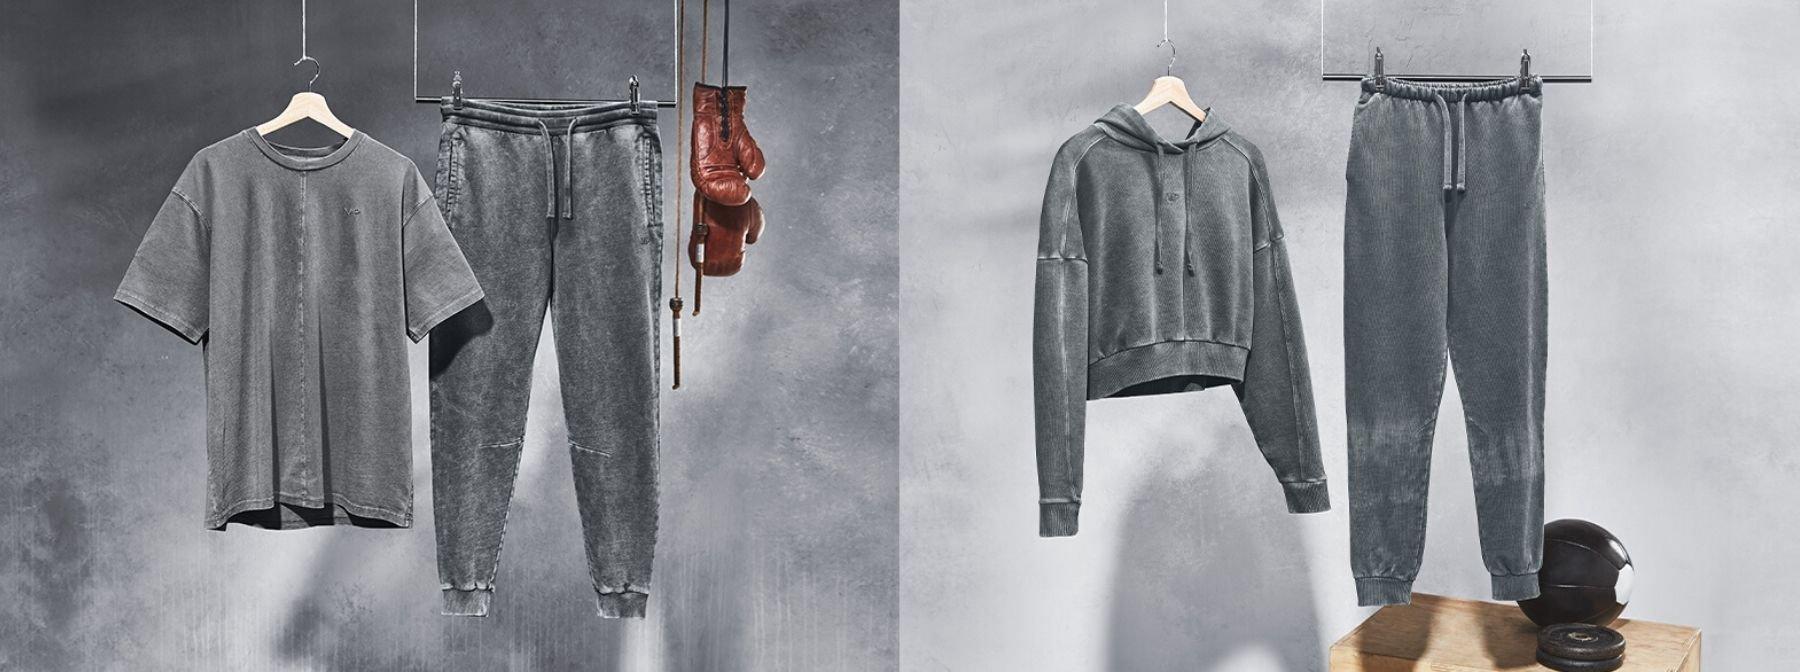 Новая коллекция одежды Raw I Стильно и комфортно